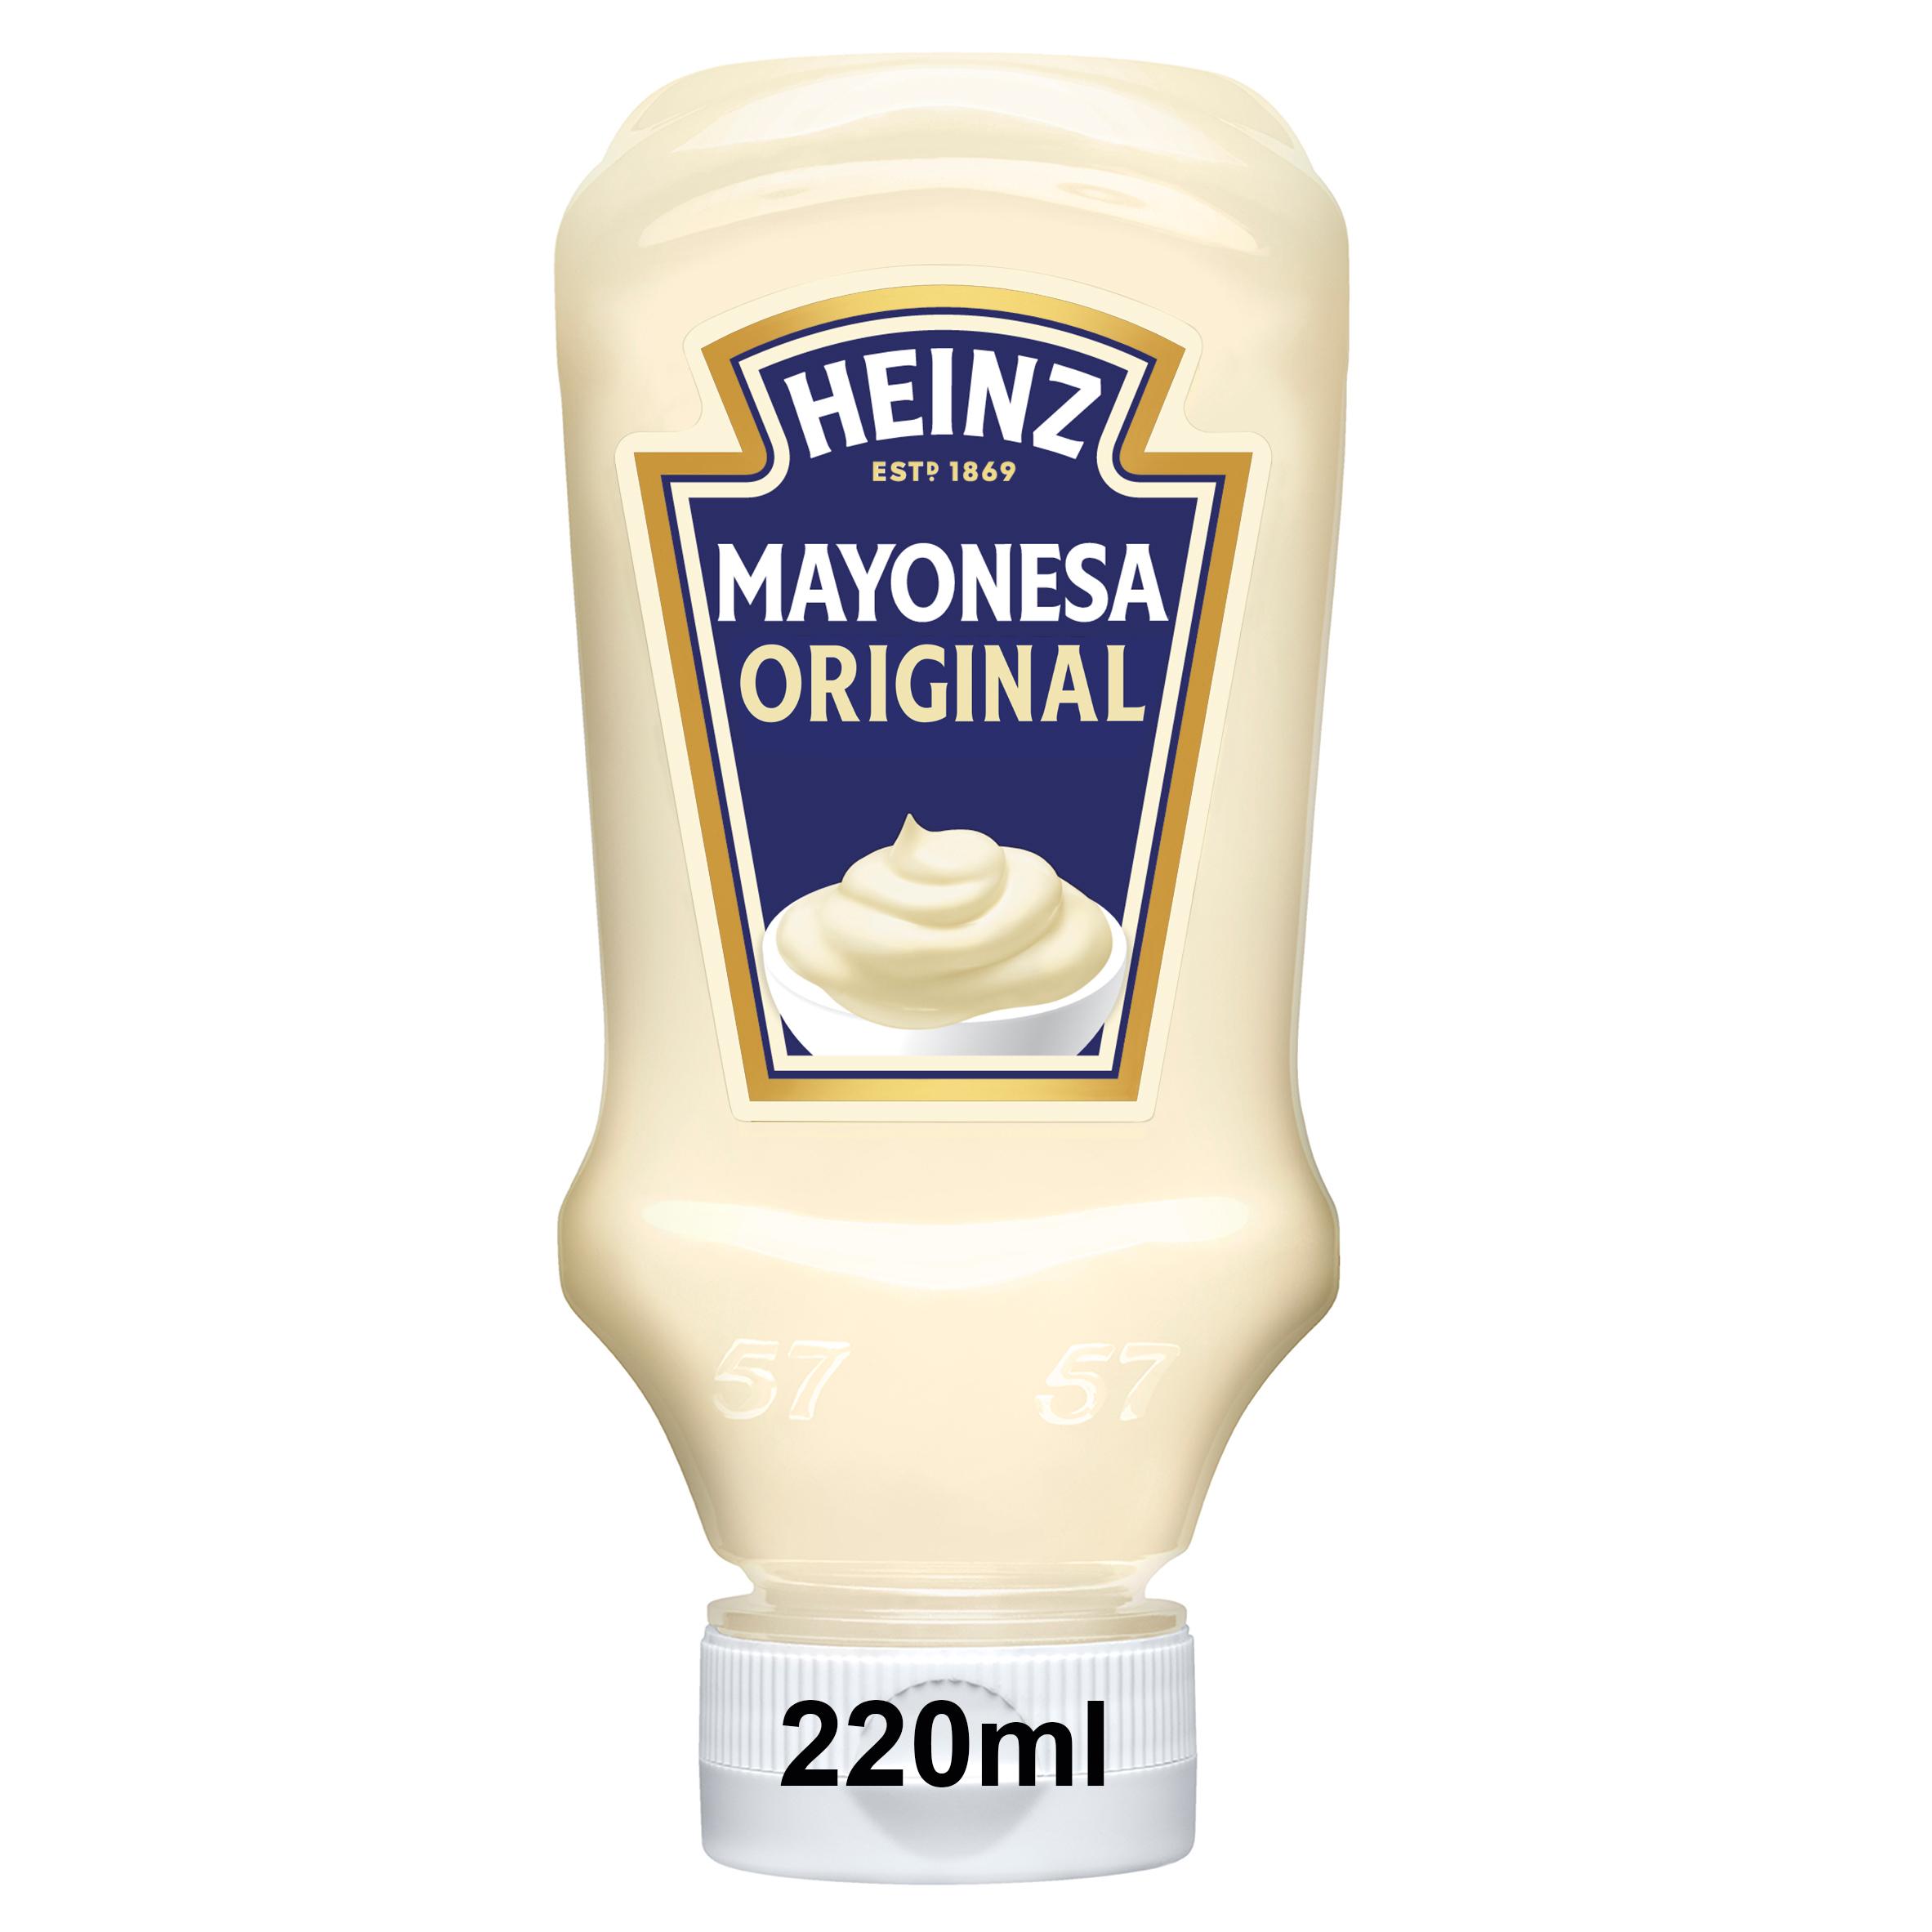 Heinz Mayonesa 220ml image